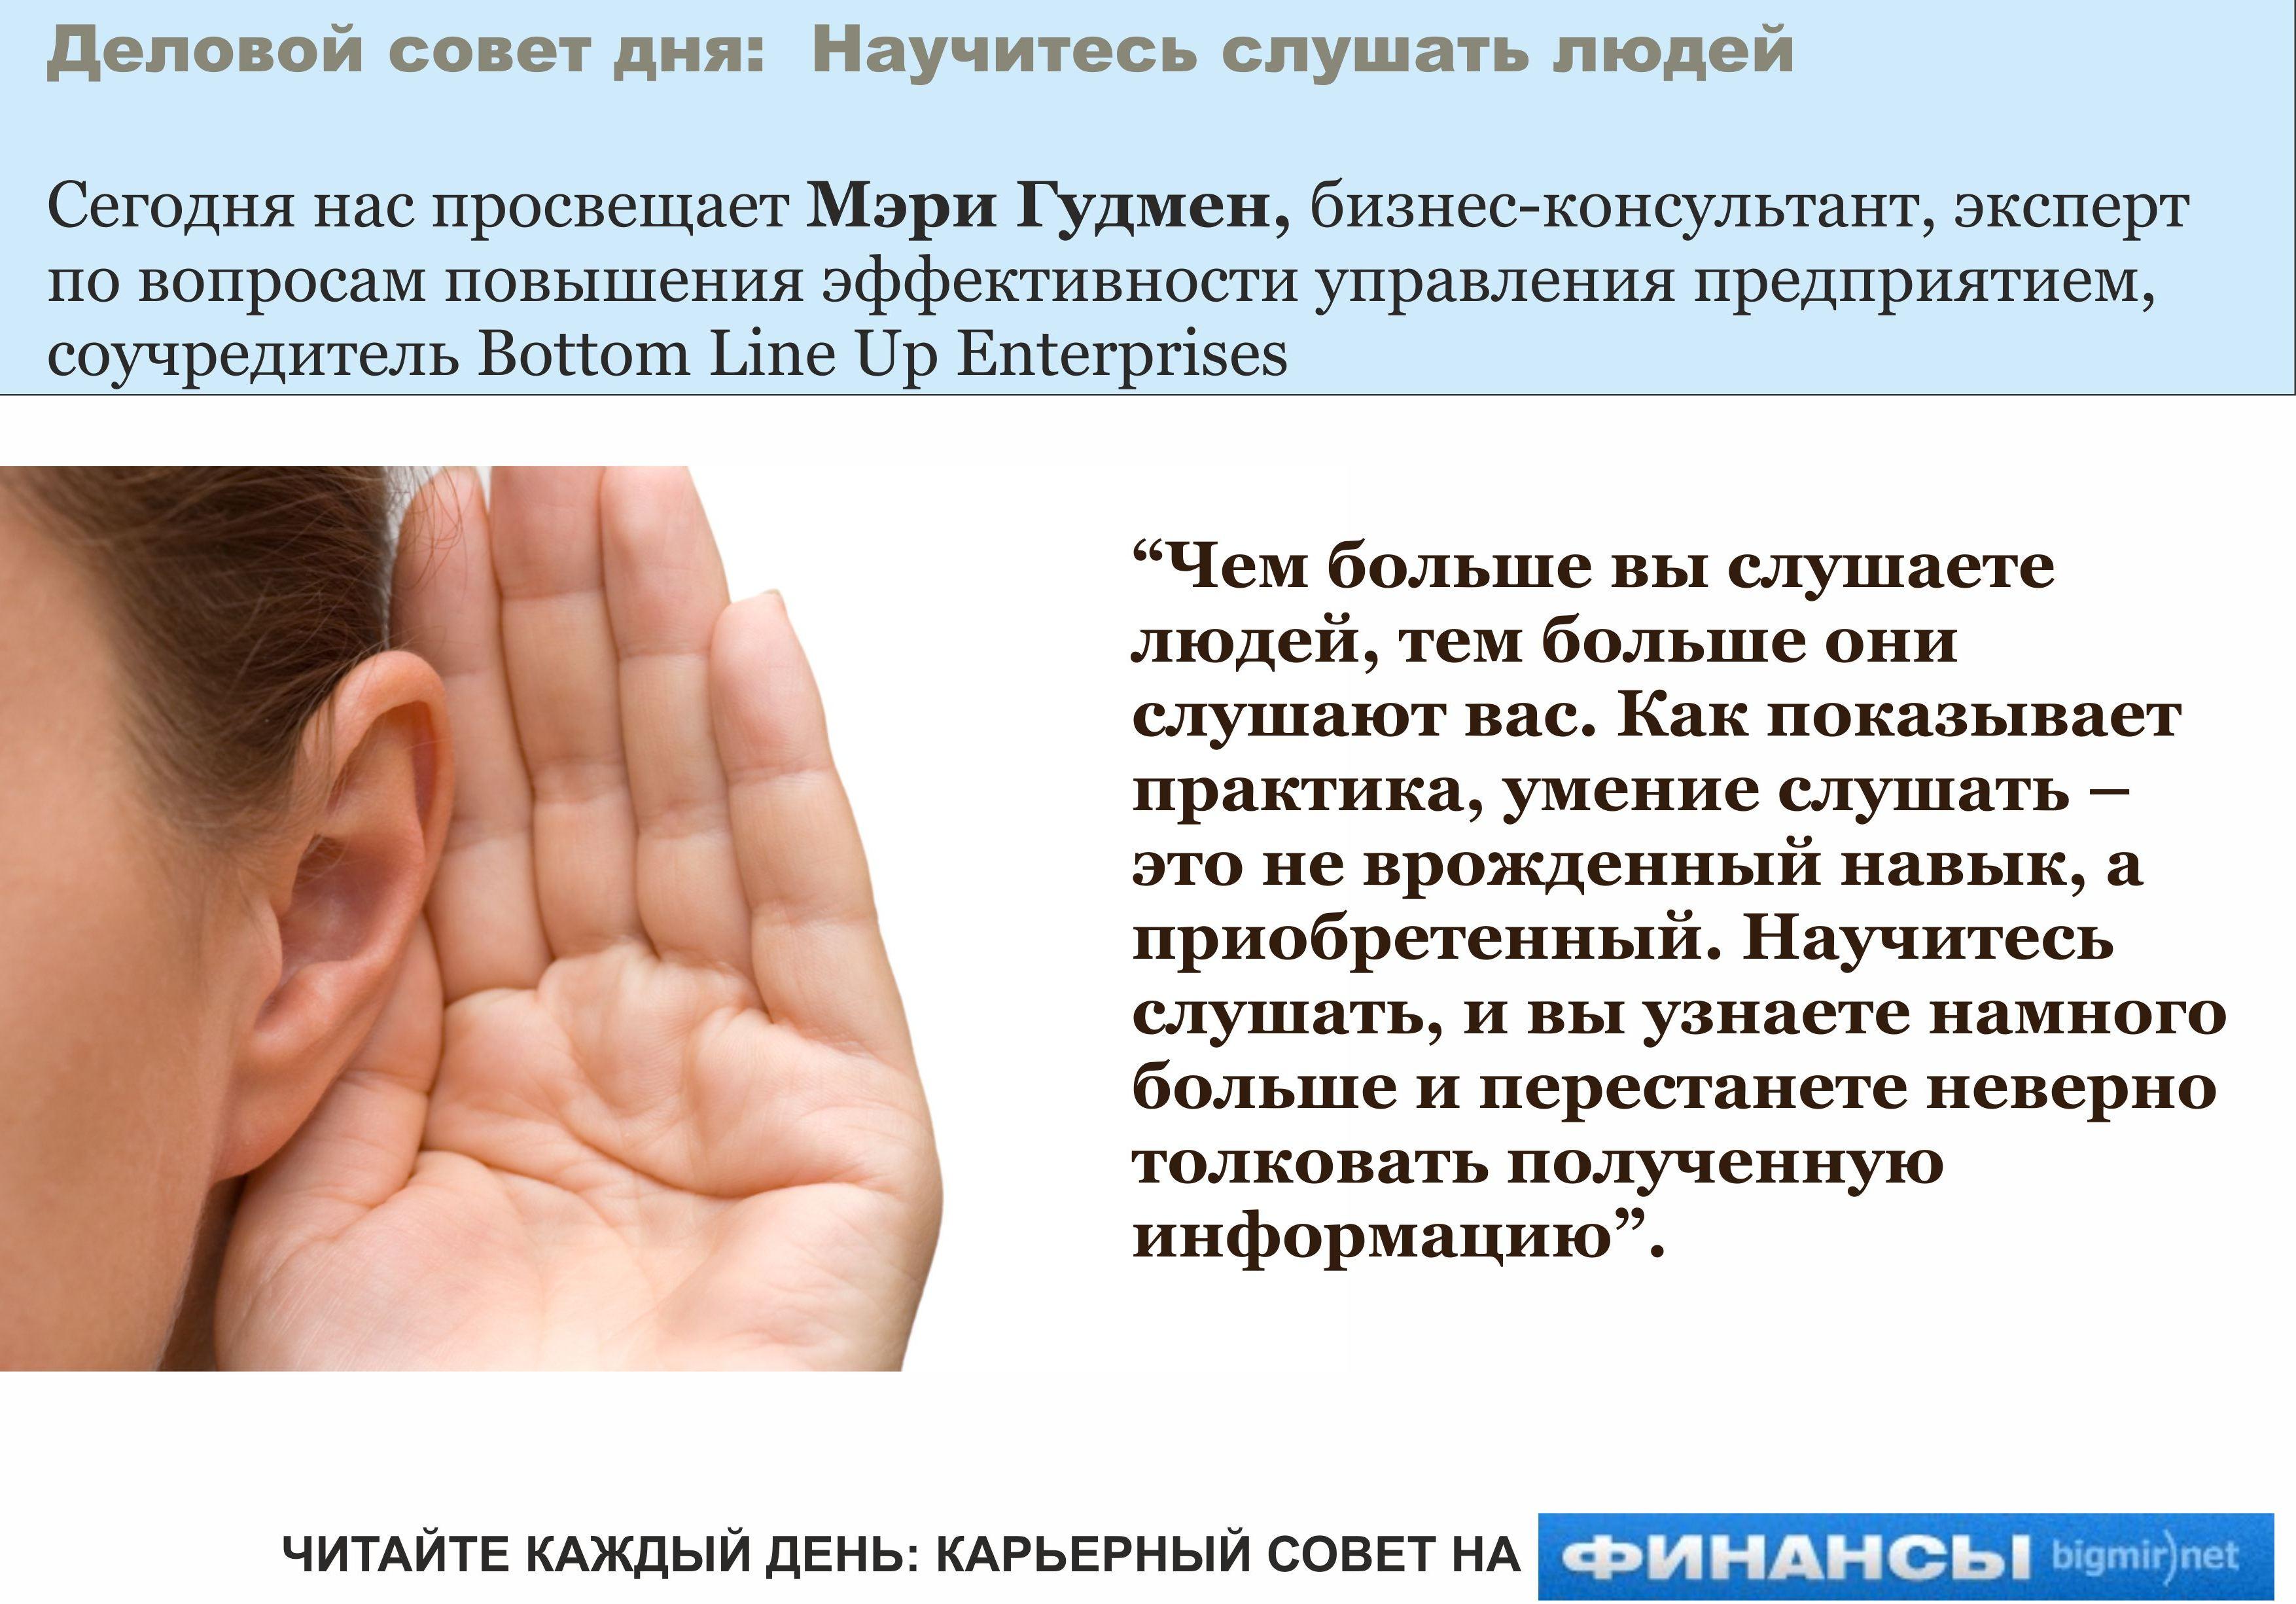 слушать и не: